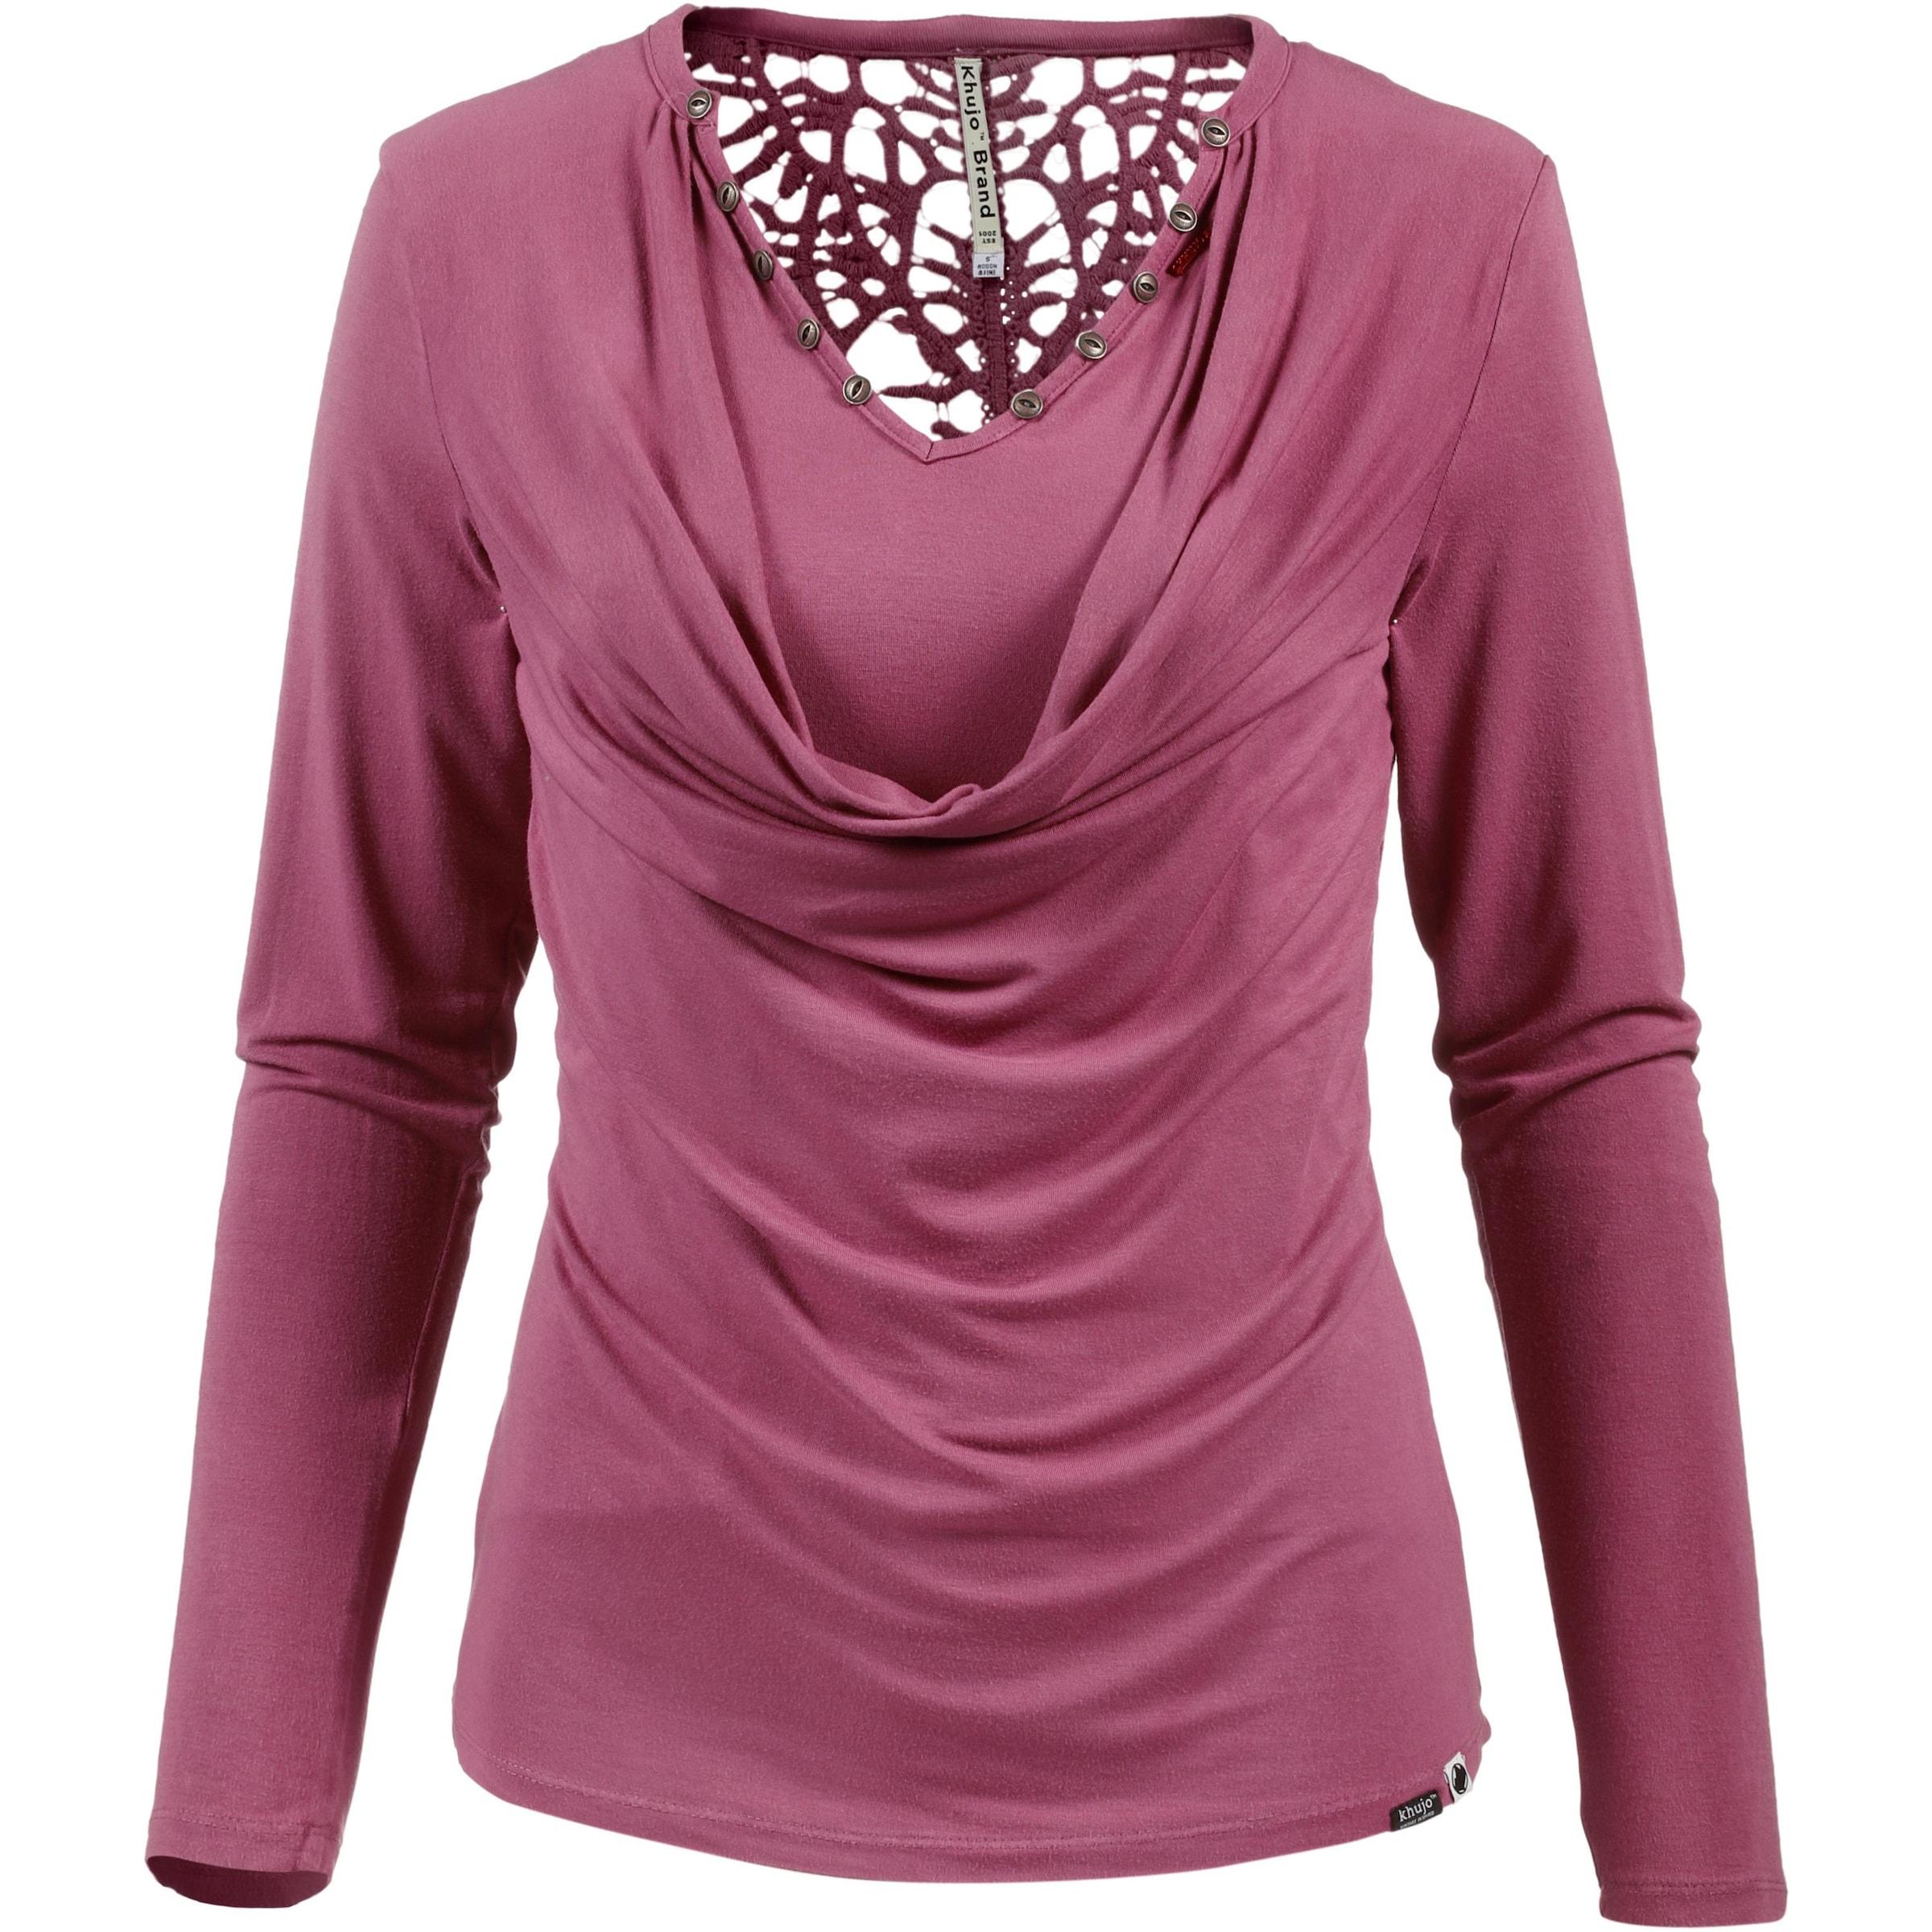 khujo Khujo Langarmshirt Damen Online-Shop Extrem Günstig Online Billigpreisnachlass Authentisch Auslass Empfehlen UgvSvG